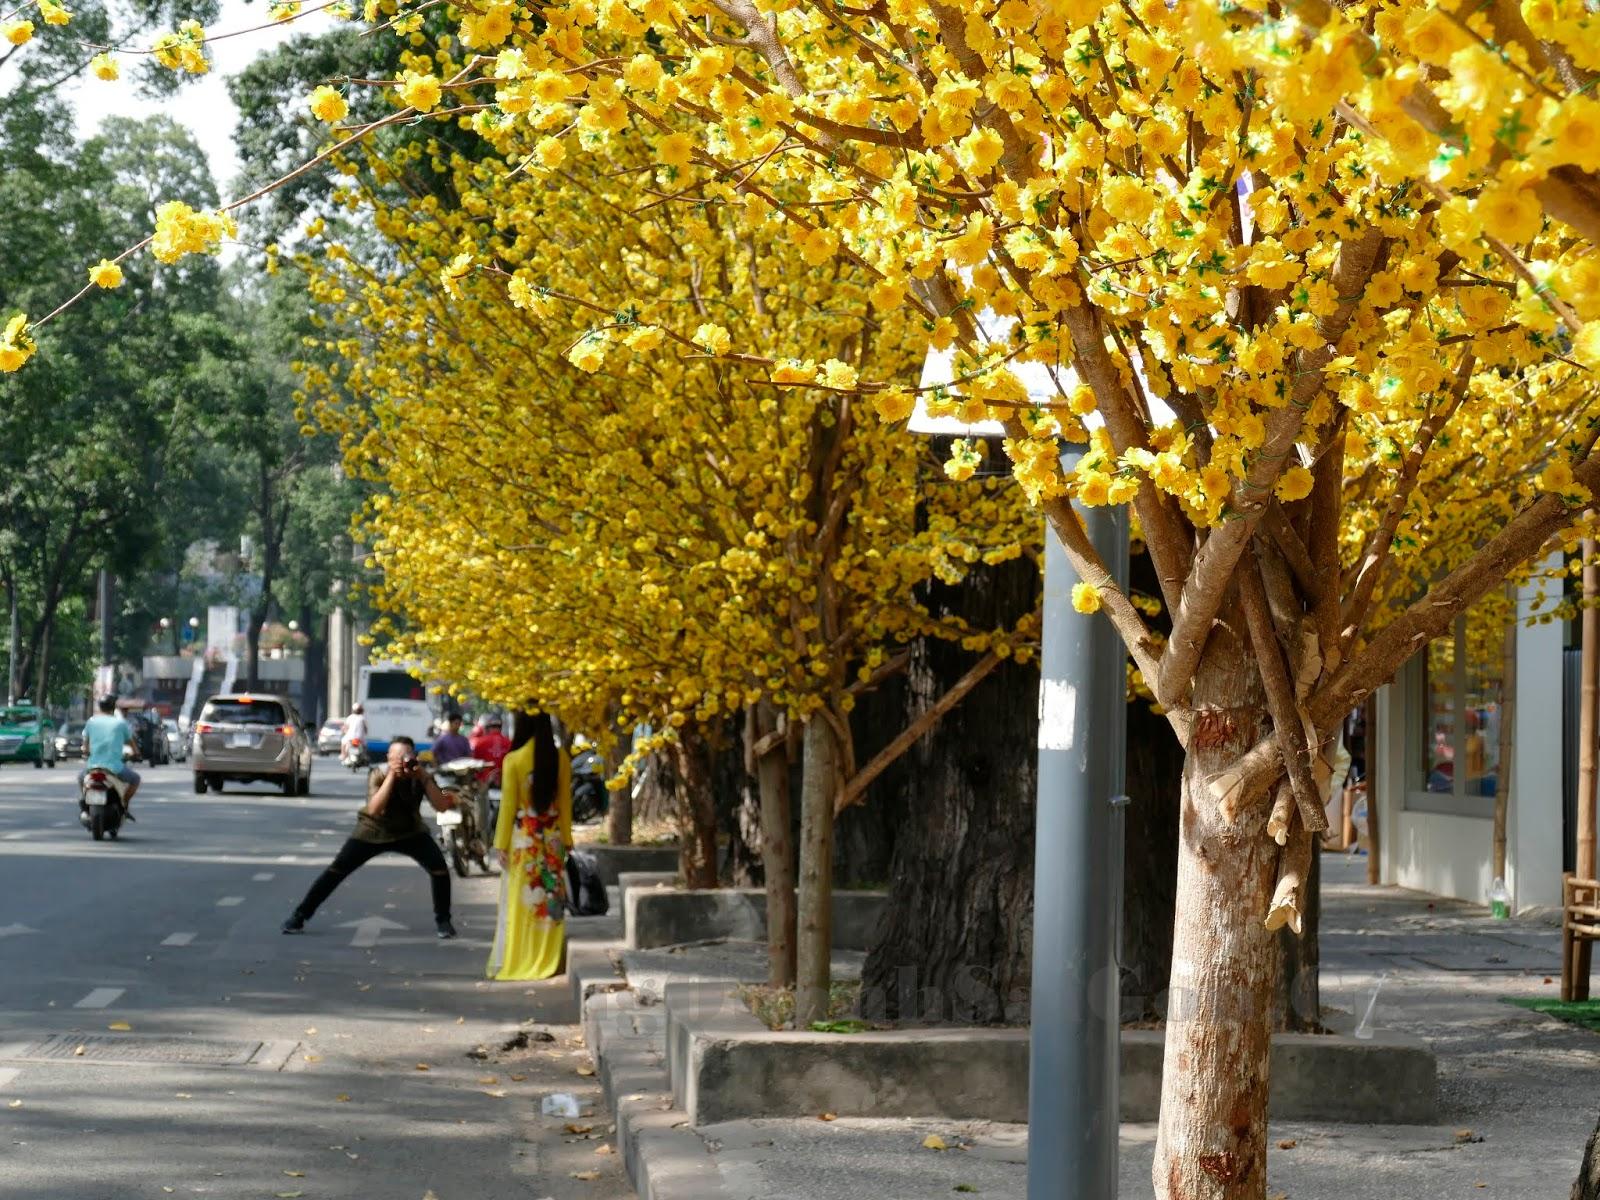 Hình ảnh dãy phố hoa vàng rất đẹp